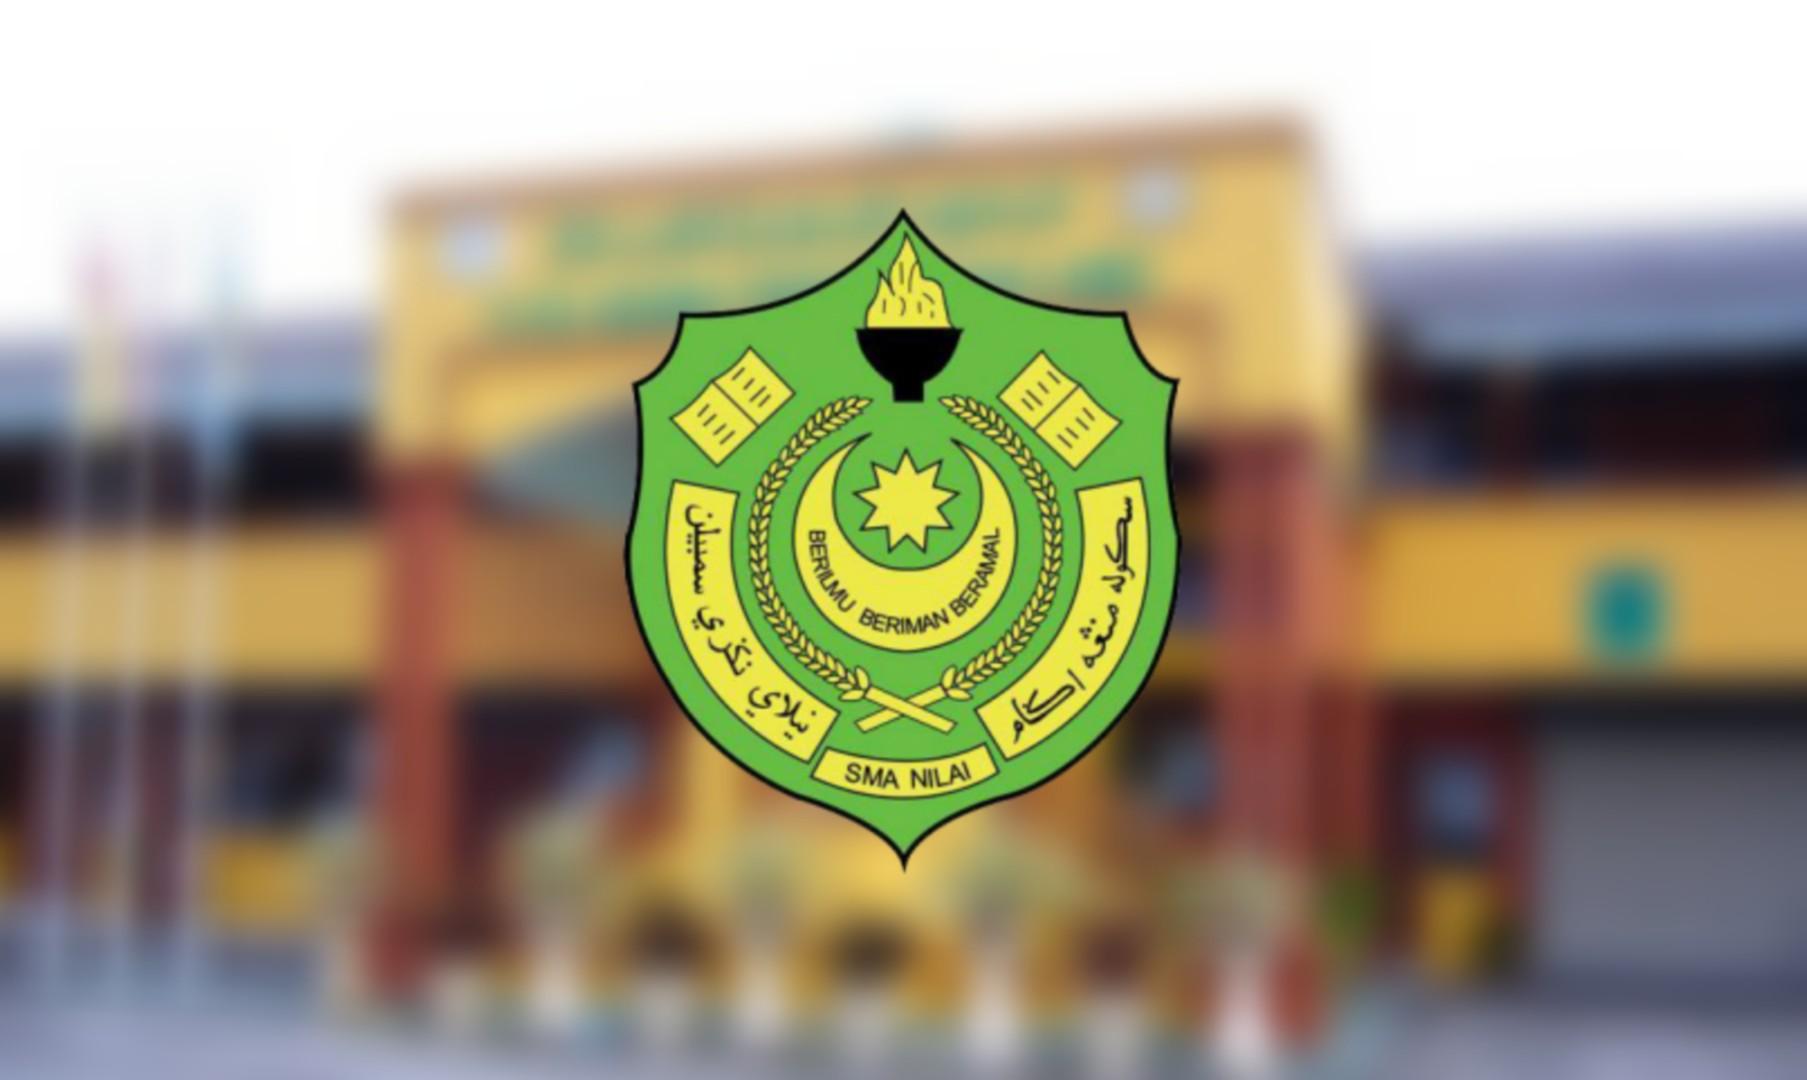 Permohonan Kemasukan Ke SMA Nilai 2021 Online